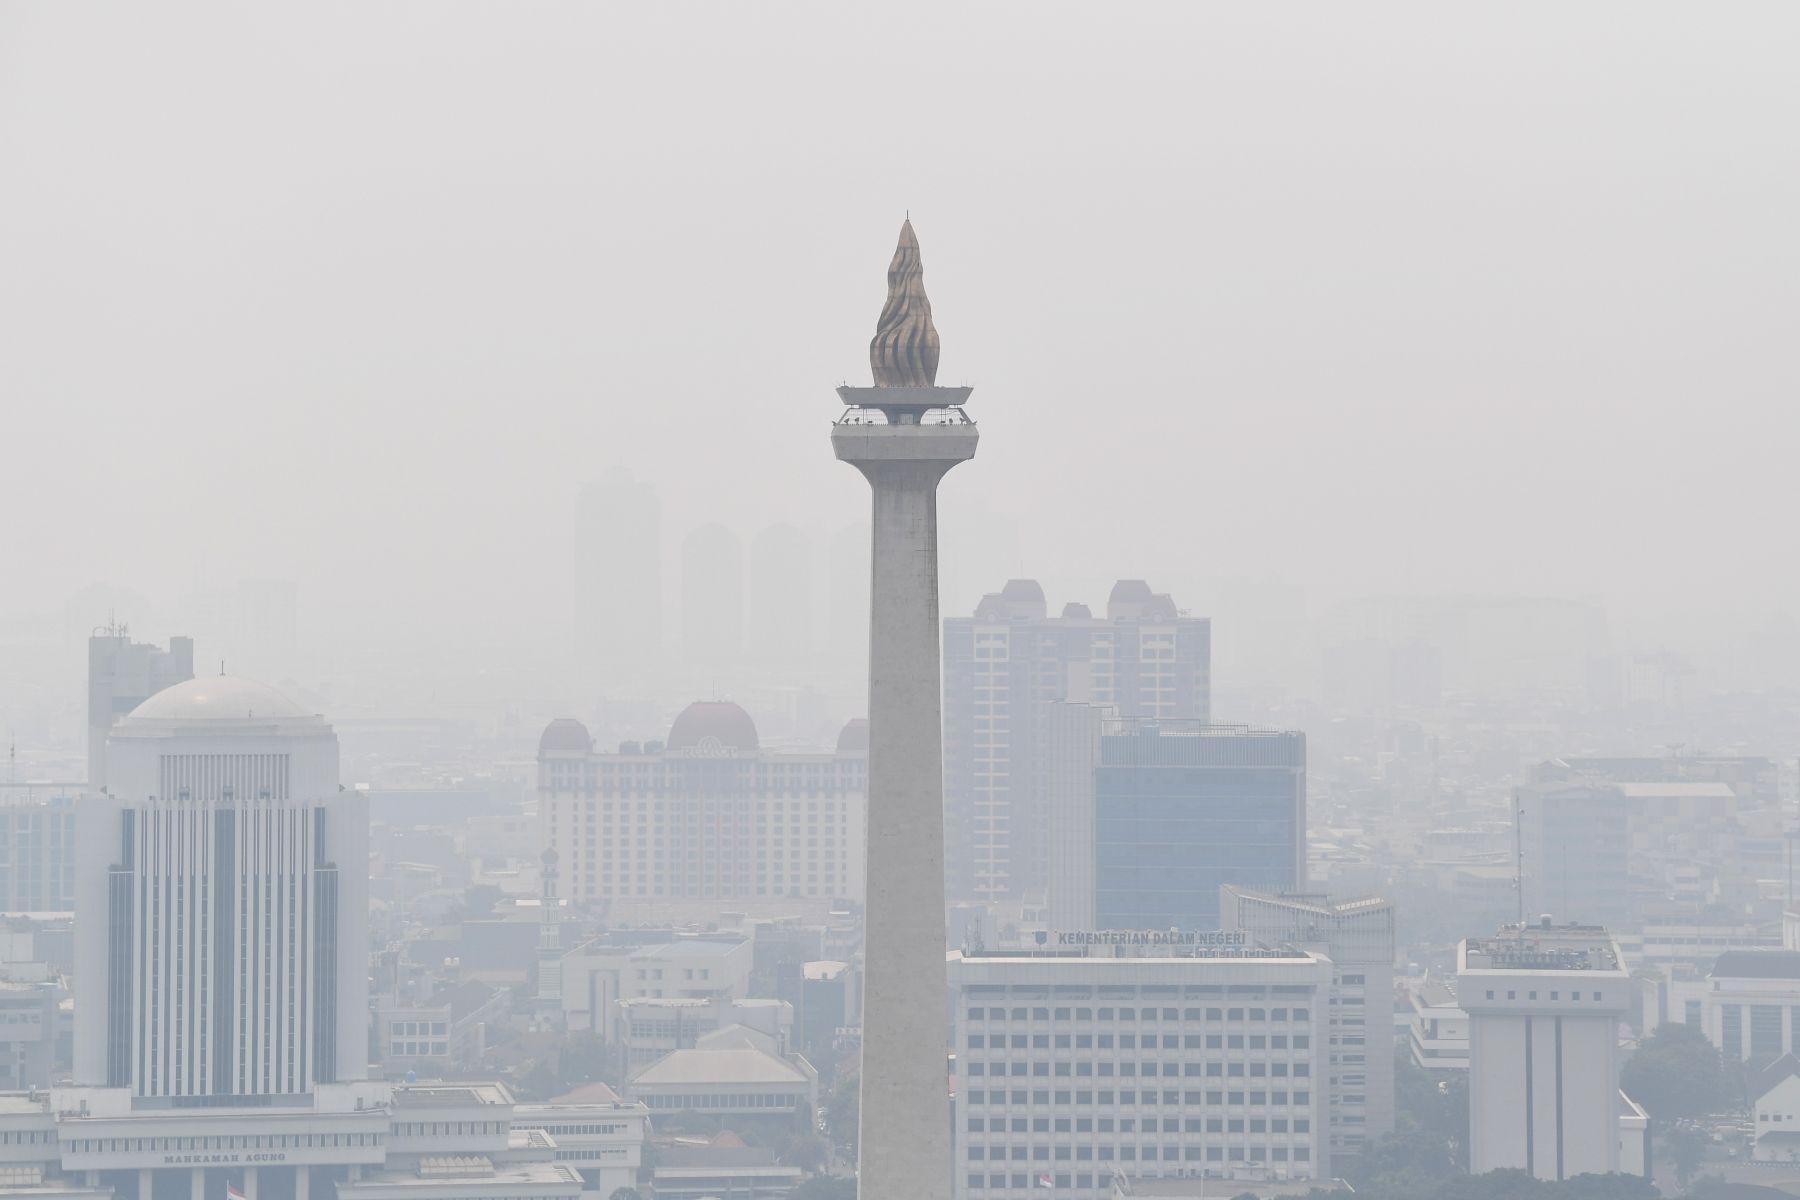 Indonesia Nomor 5 Negara Penyumbang Polusi Terbanyak di Dunia